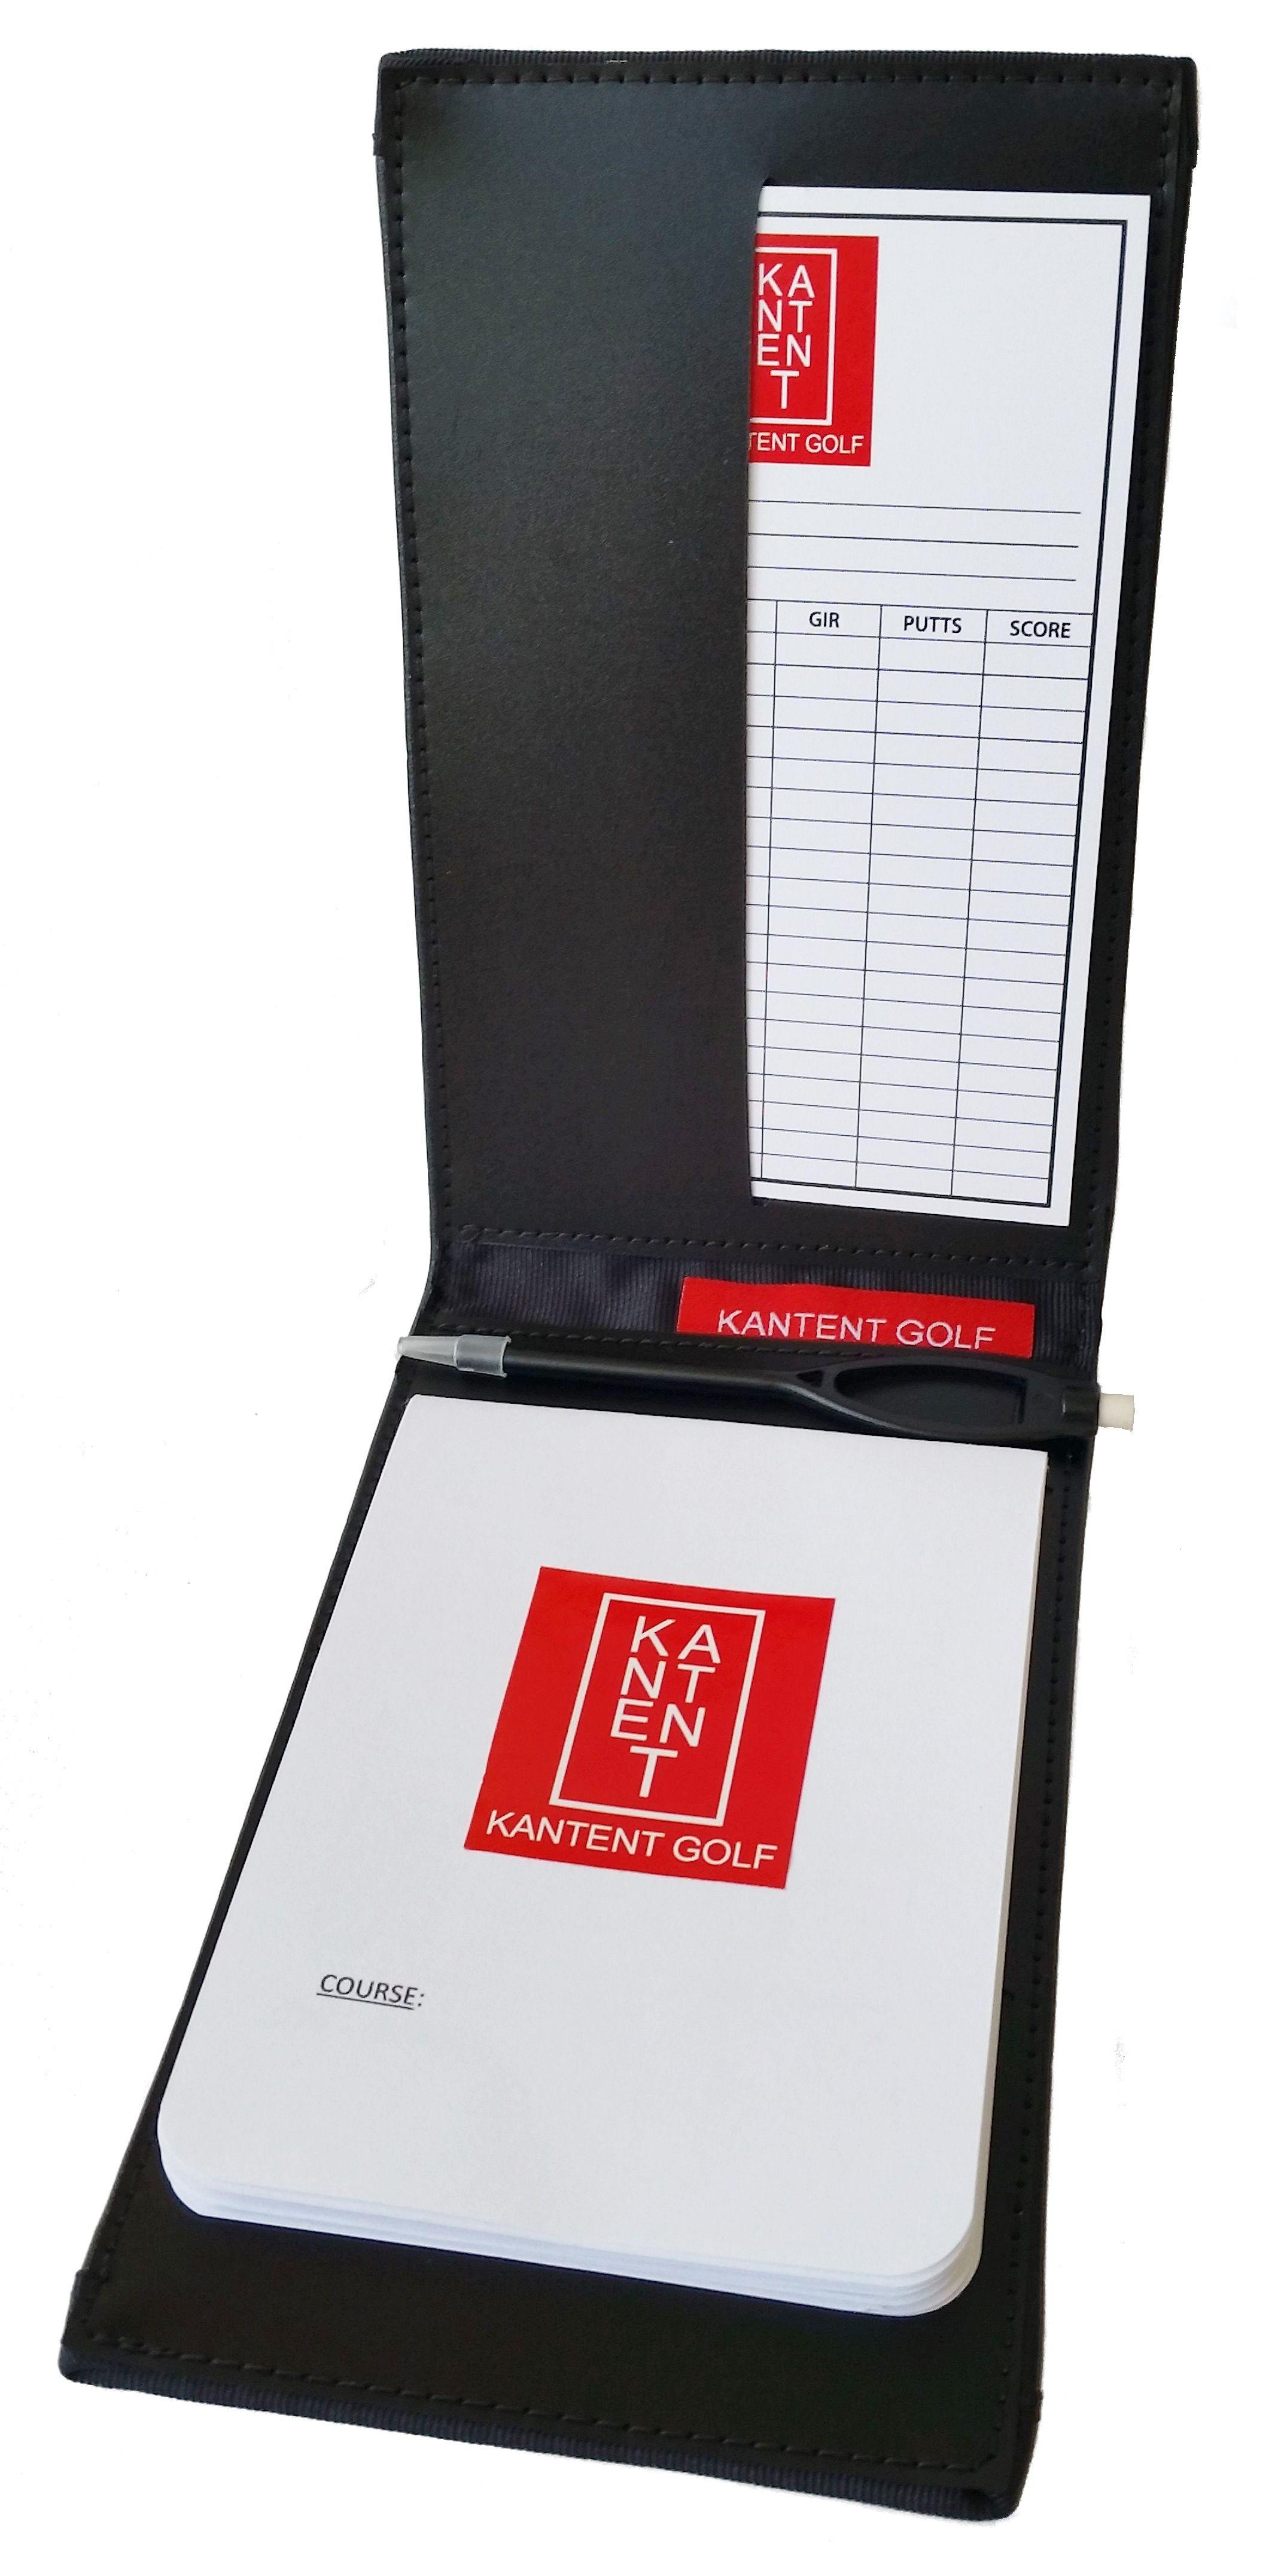 kantent golf scorecard and yardage book holder with scorecard and